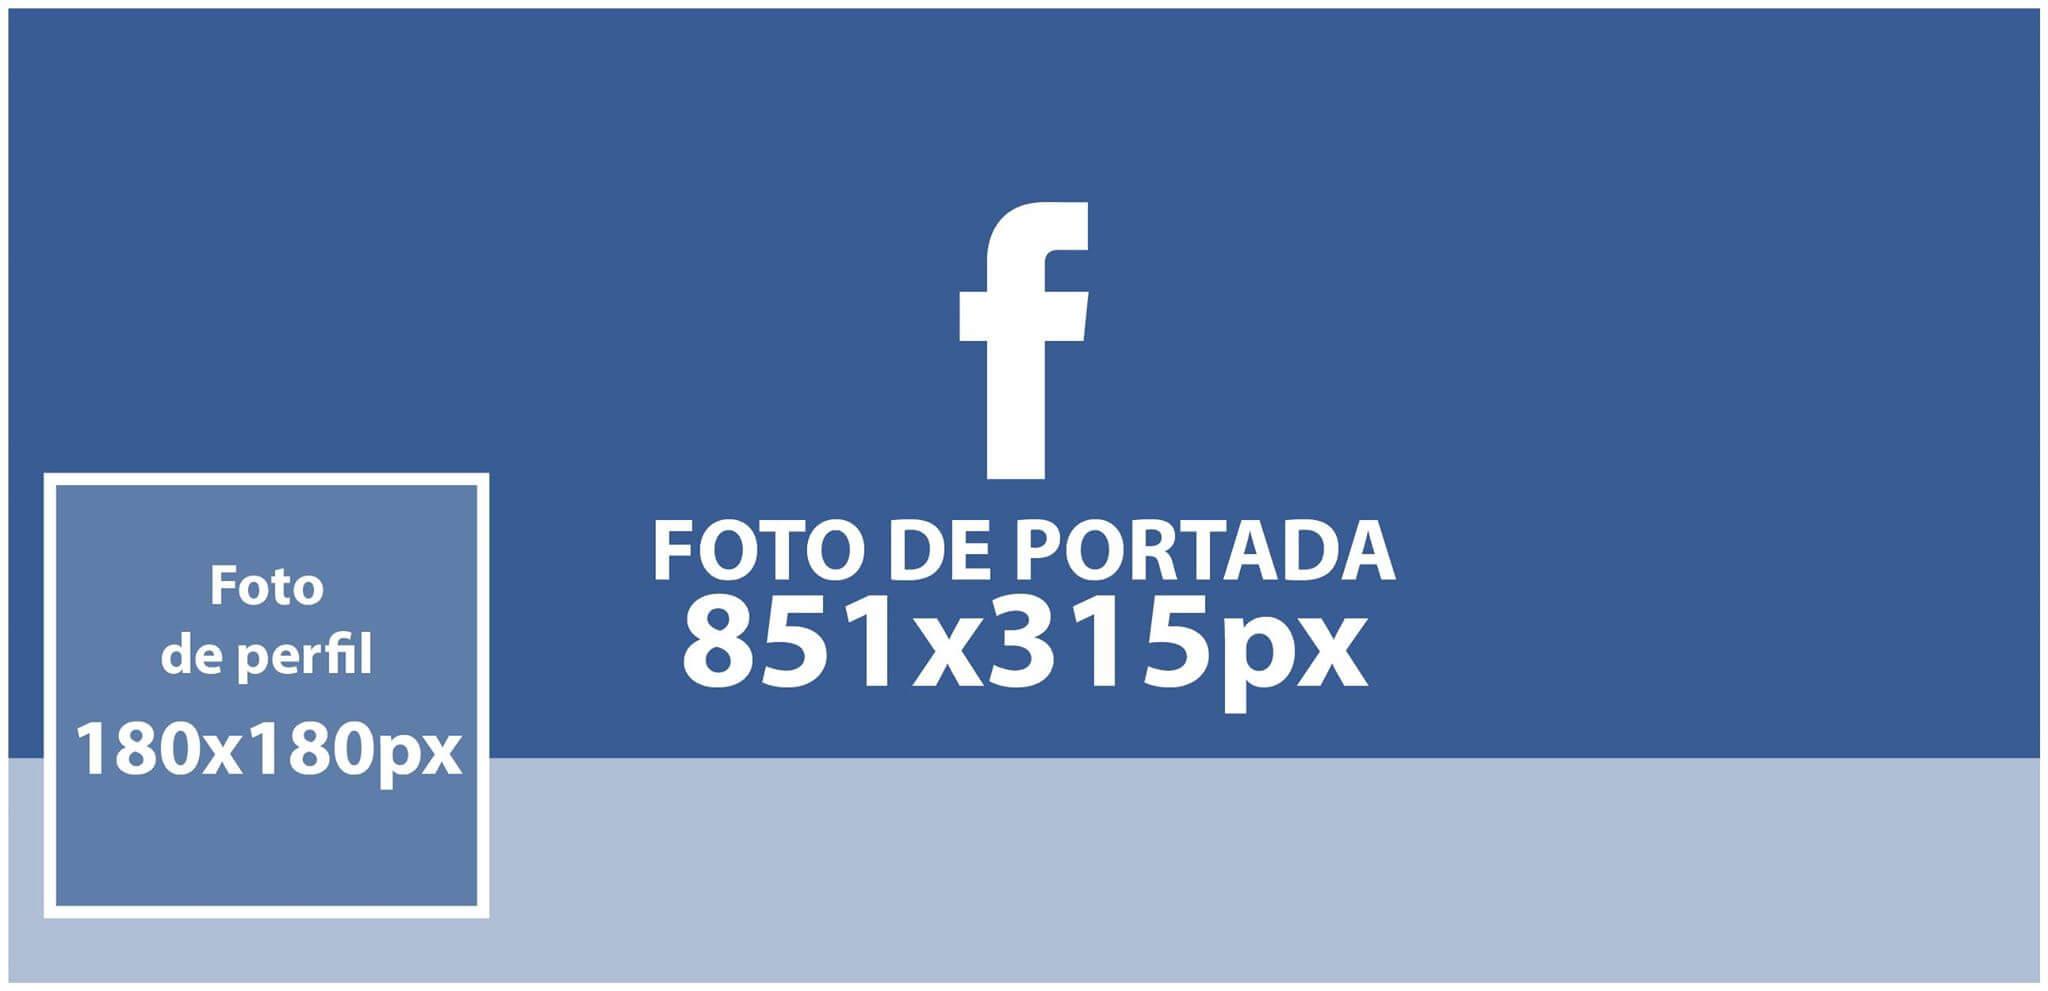 ¿Cuánto deben medir las imágenes en Facebook? Portada, Publicaciones, GIFs y más.